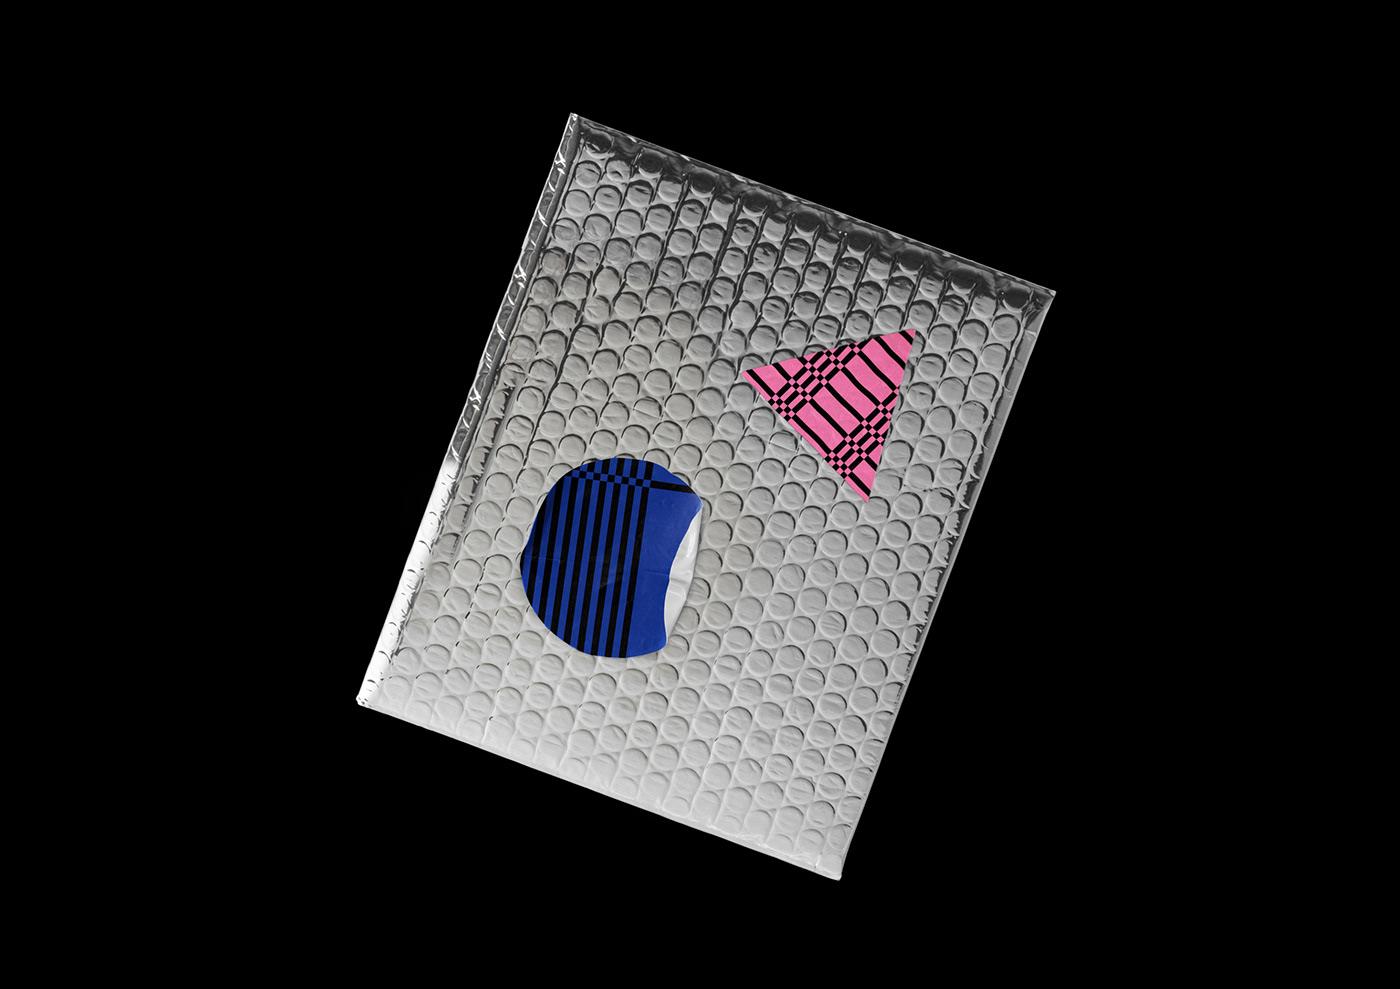 BI CI graphic IT logo poster tech vr branding  Logotype